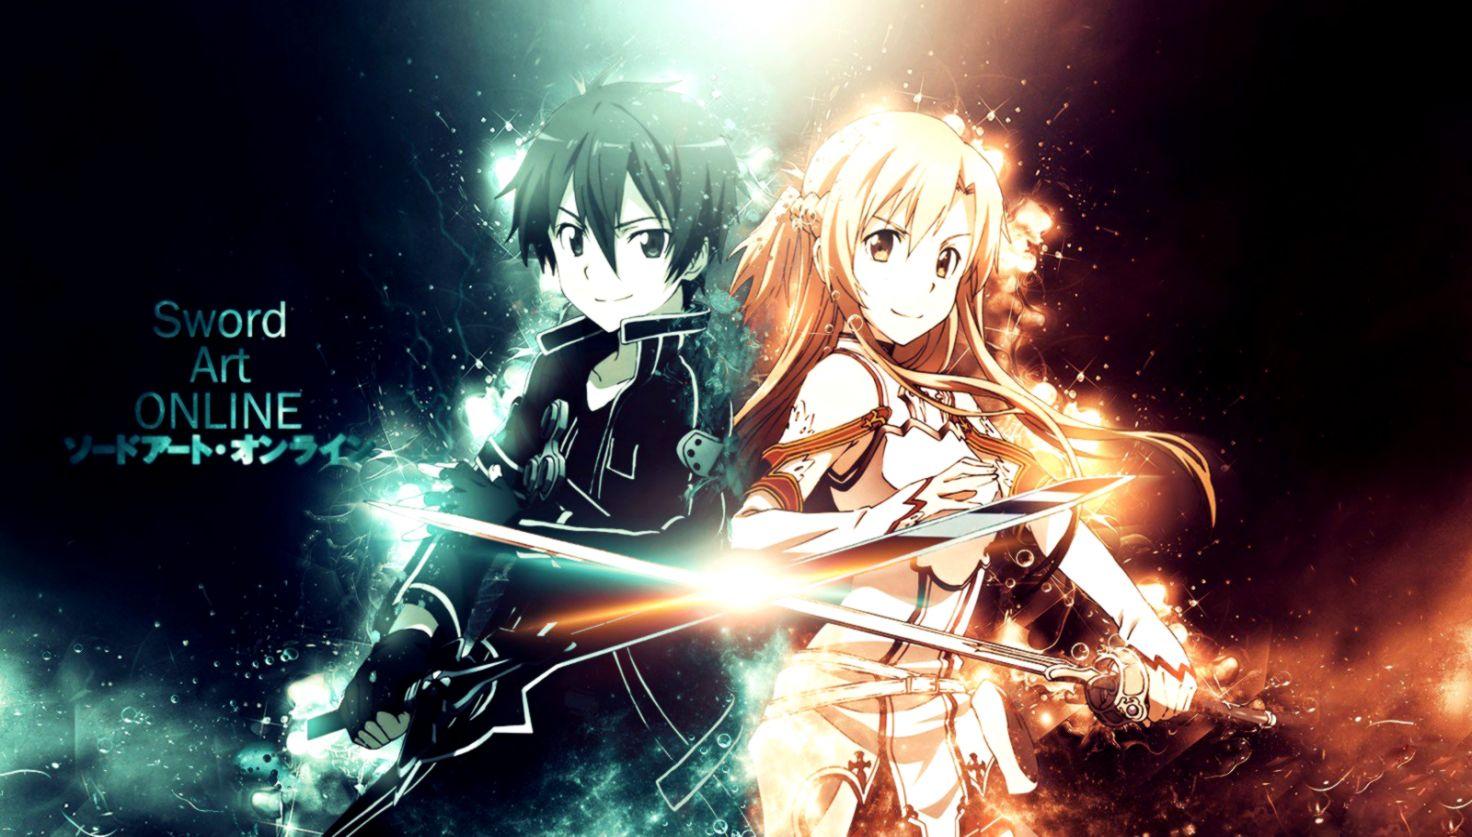 Sword Art Online Asuna Kirito Wallpaper Like Wallpapers